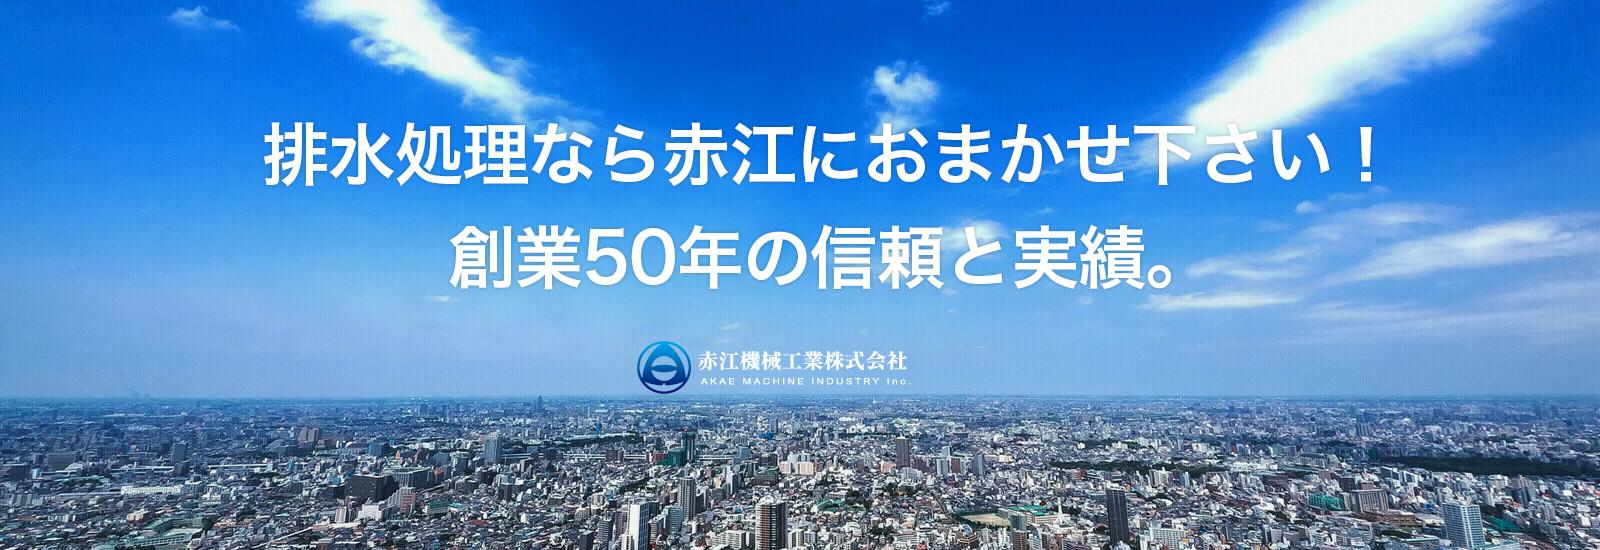 排水処理なら赤江におまかせください!創業50年の信頼と実績。